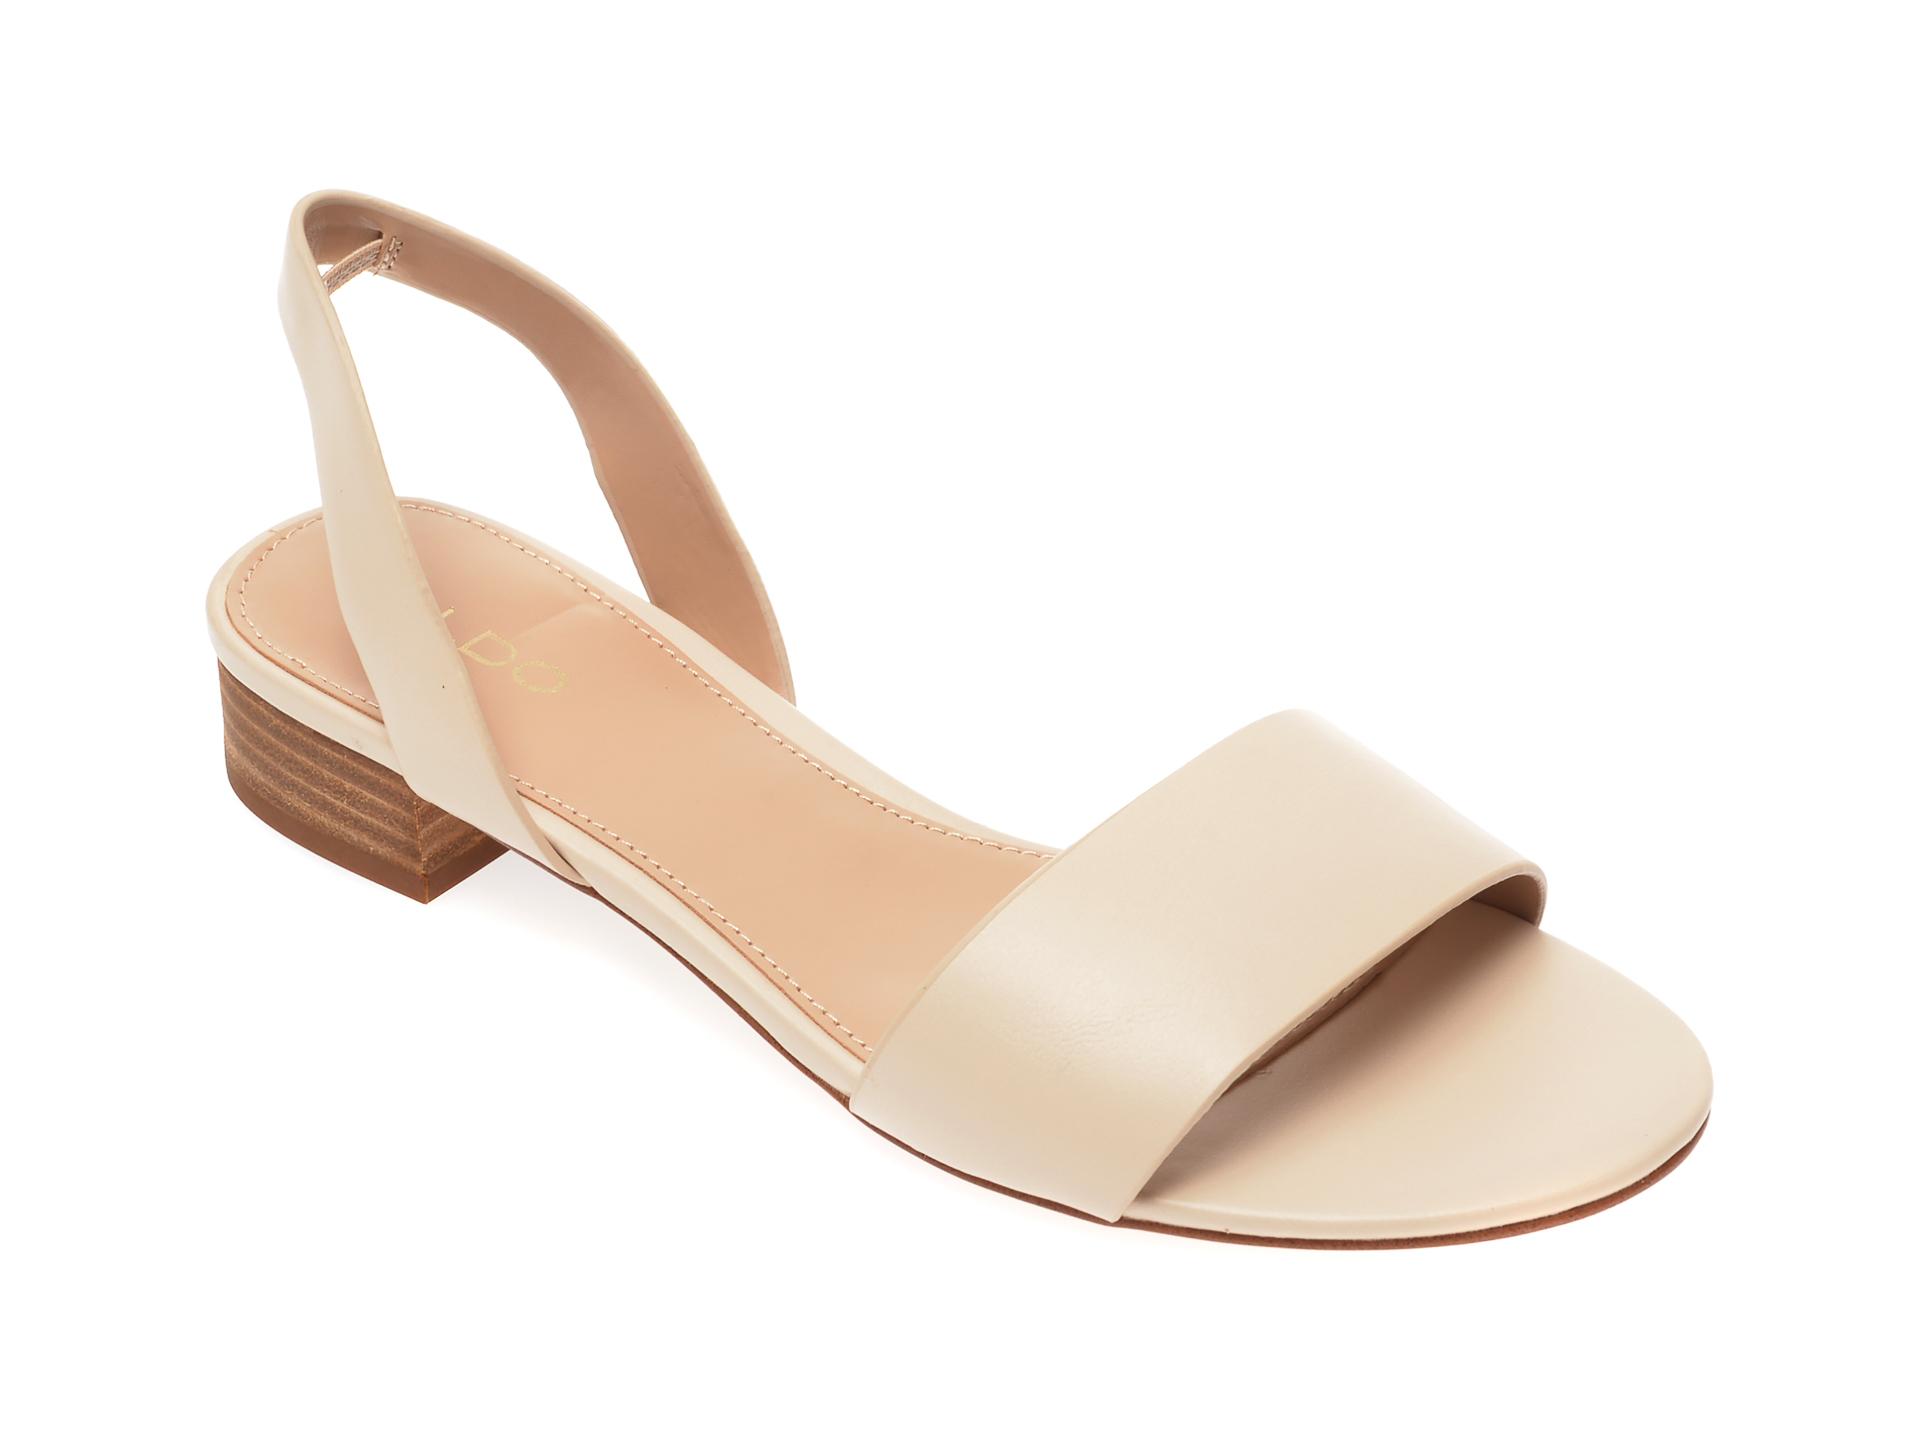 Sandale ALDO bej Candice270, din piele ecologica imagine